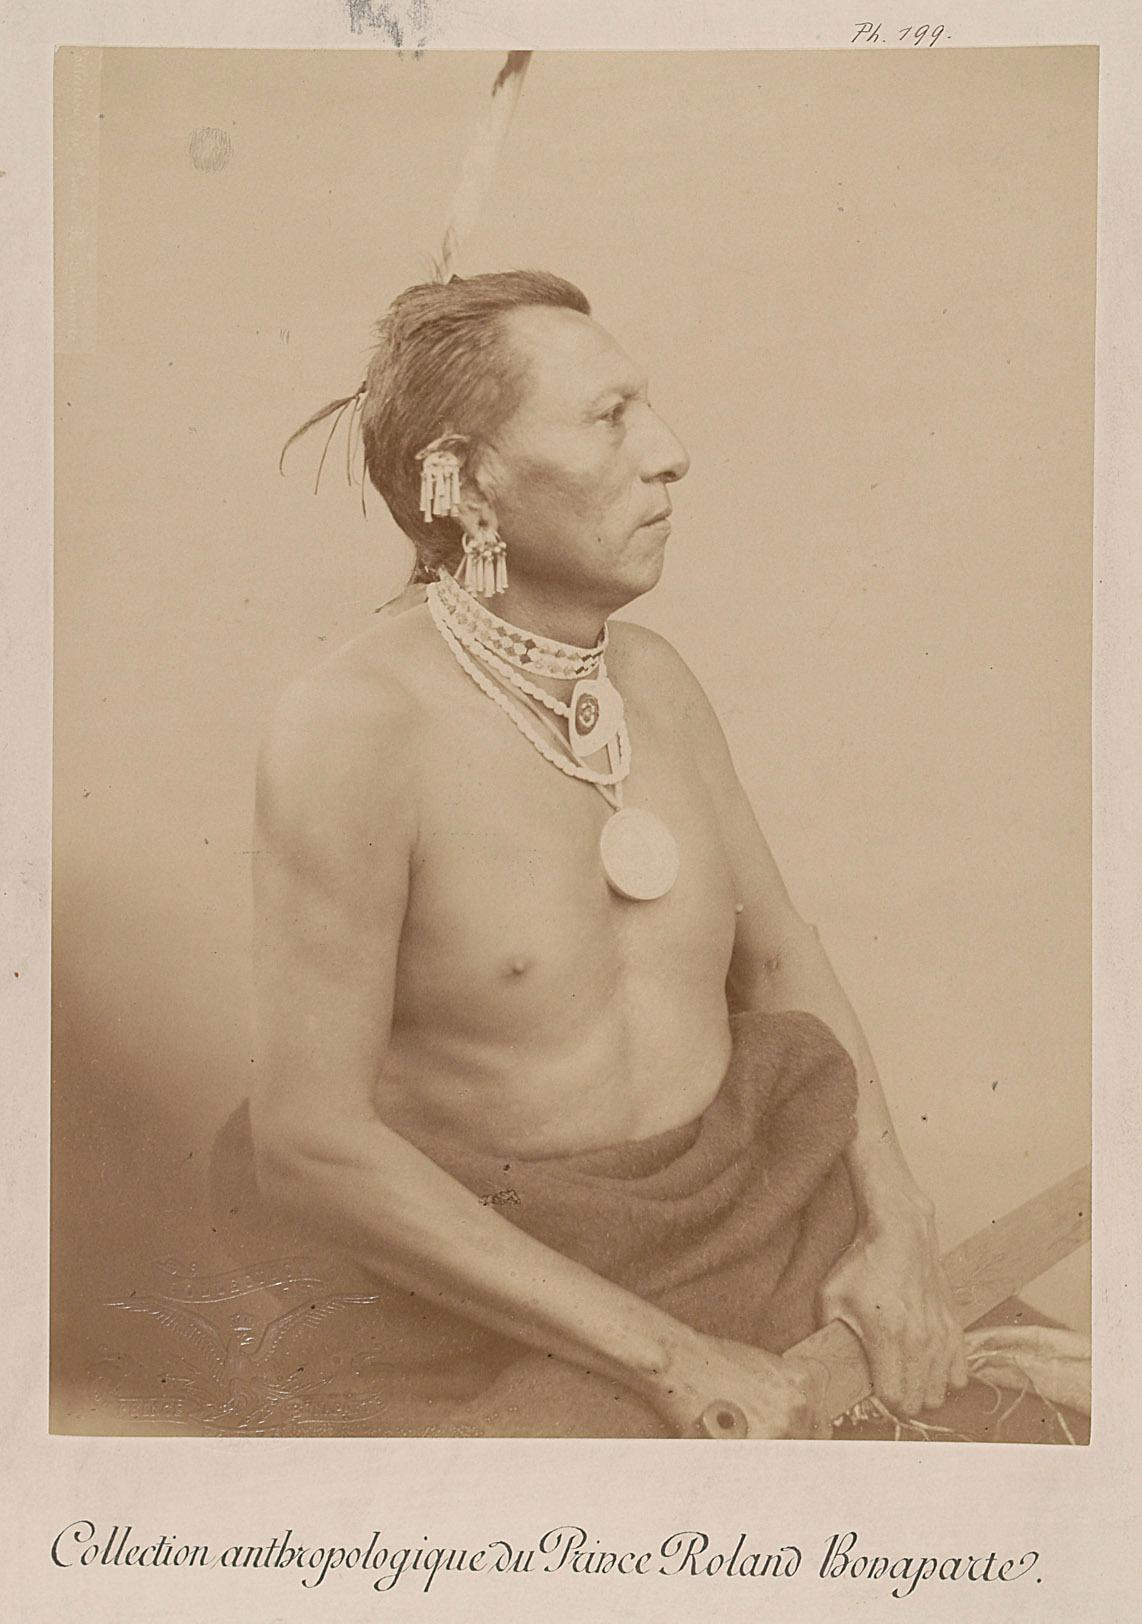 Village-Maker - Dahvagaki Zinga, Mann, Profilansicht von Prinz Roland Napoléon Bonaparte